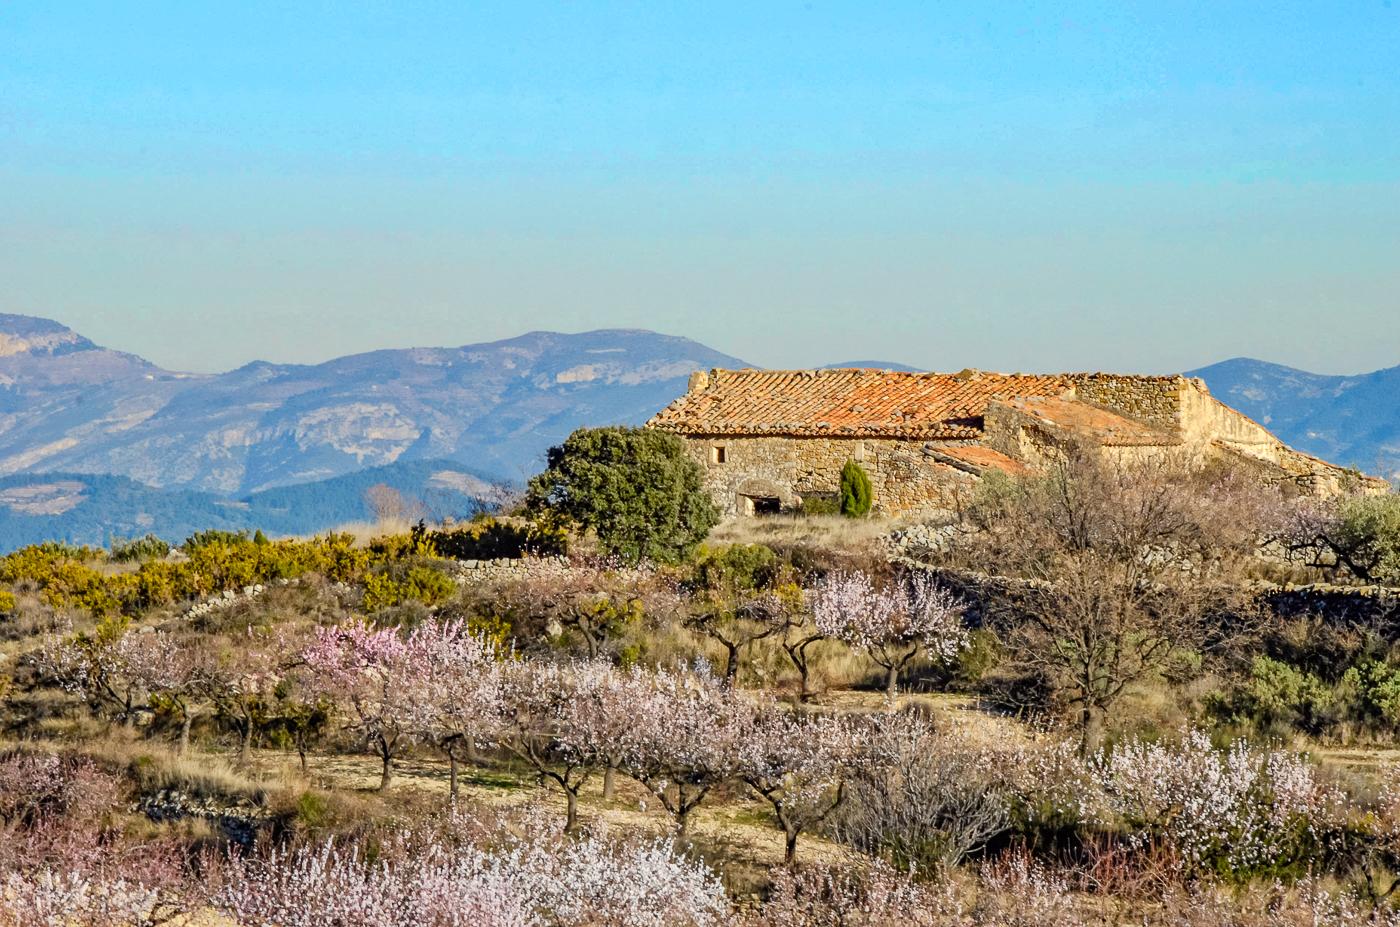 My dream masia in Spain?